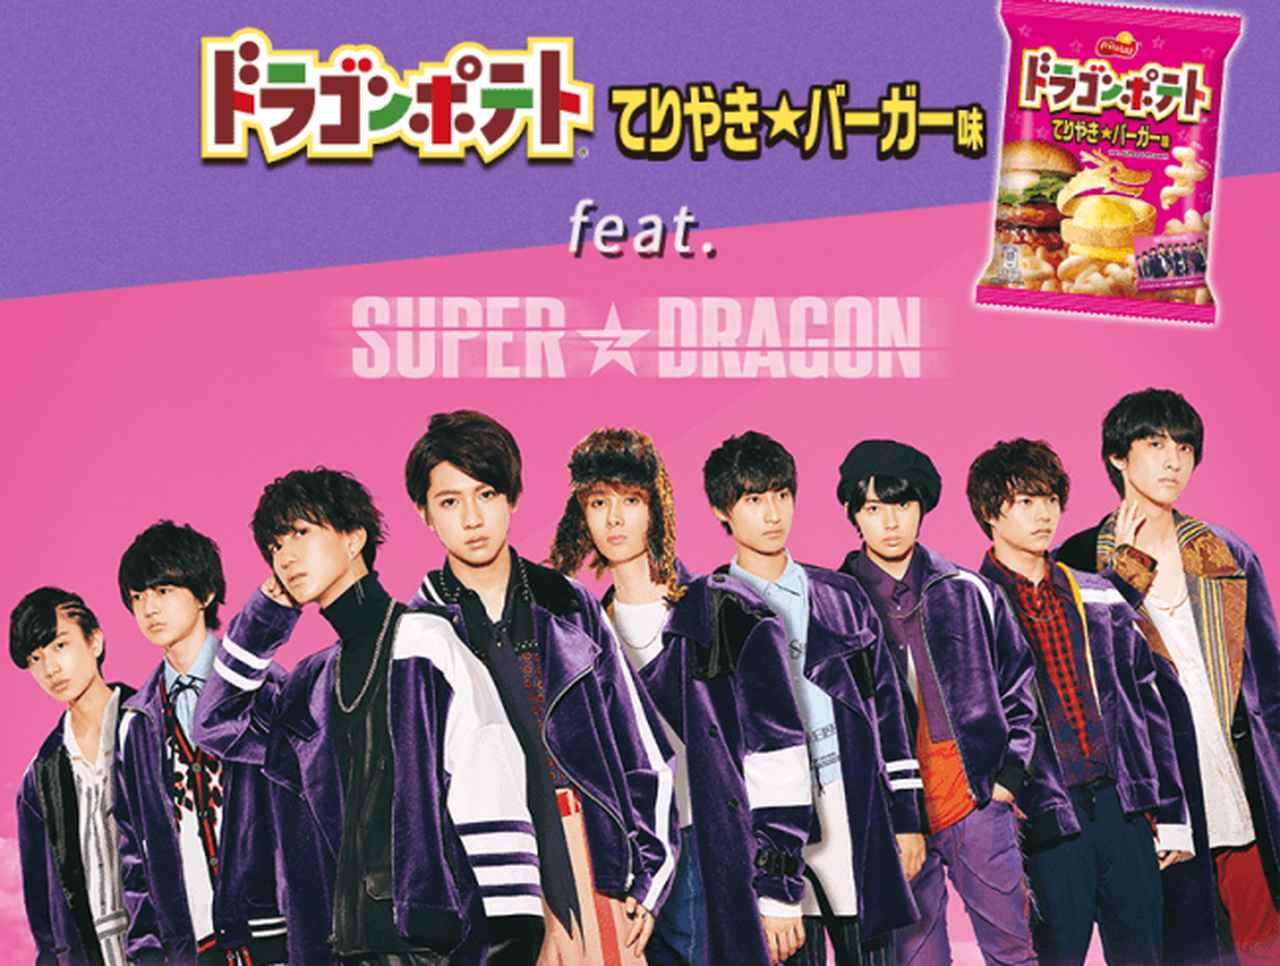 画像1: 9人組ミクスチャーユニット SUPER★DRAGON とのドラゴンコラボが実現!